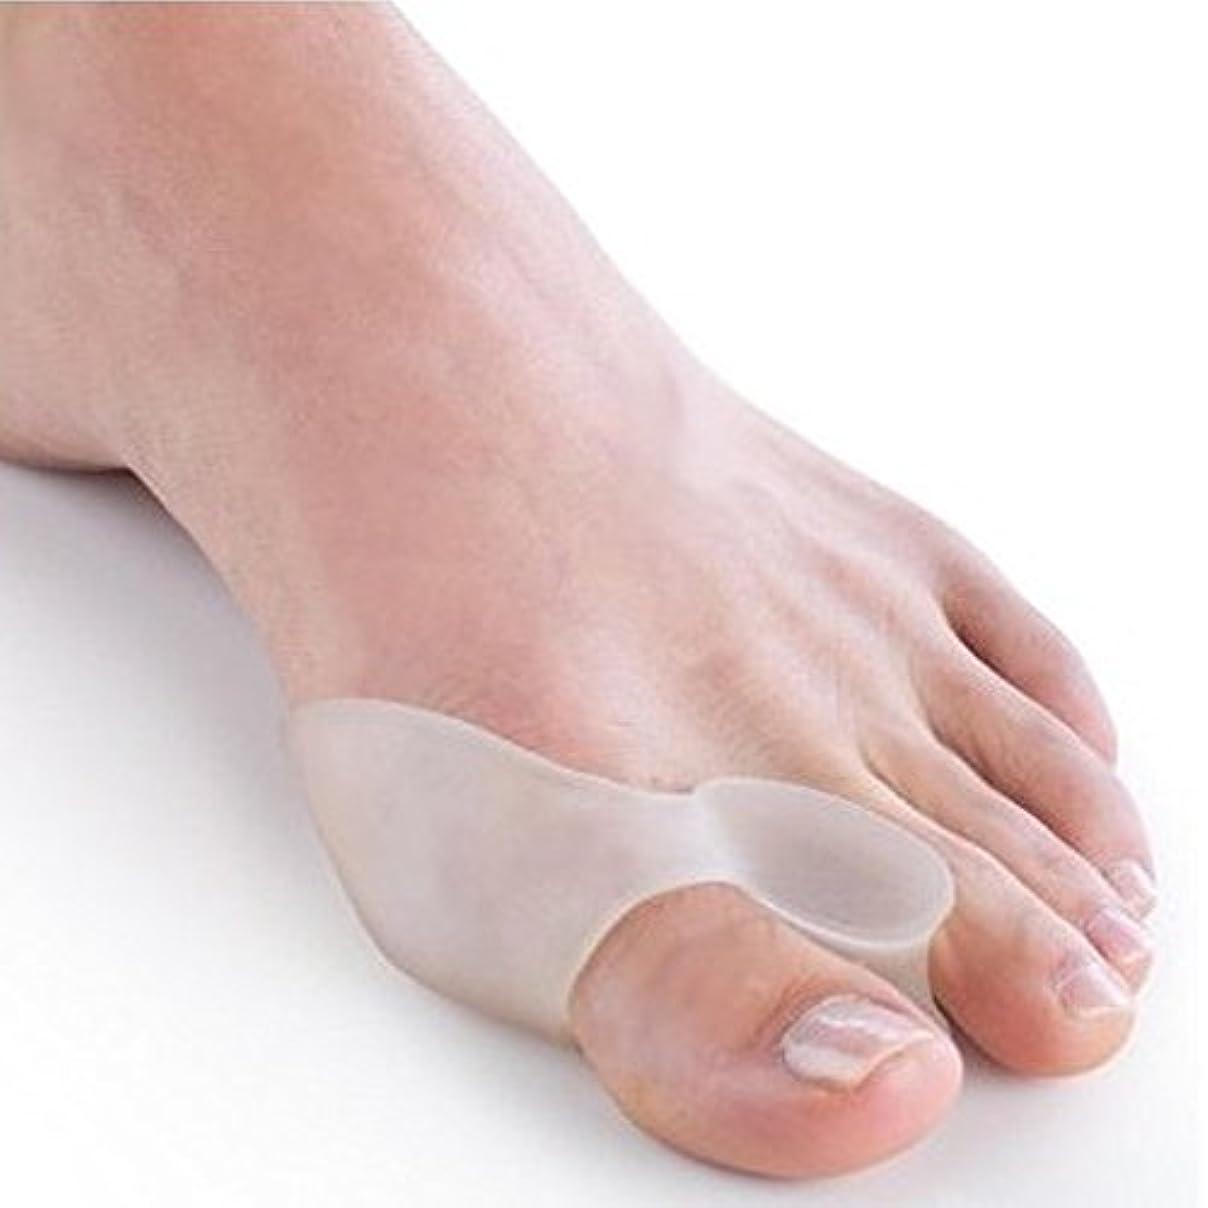 スロット試用耐久外反母趾 グッズ シリコンパッド 足指矯正 パッド 外反母趾サポーター 親指広げ フットケア 男女兼用 ワンーサイズ(1ペア2個入り)